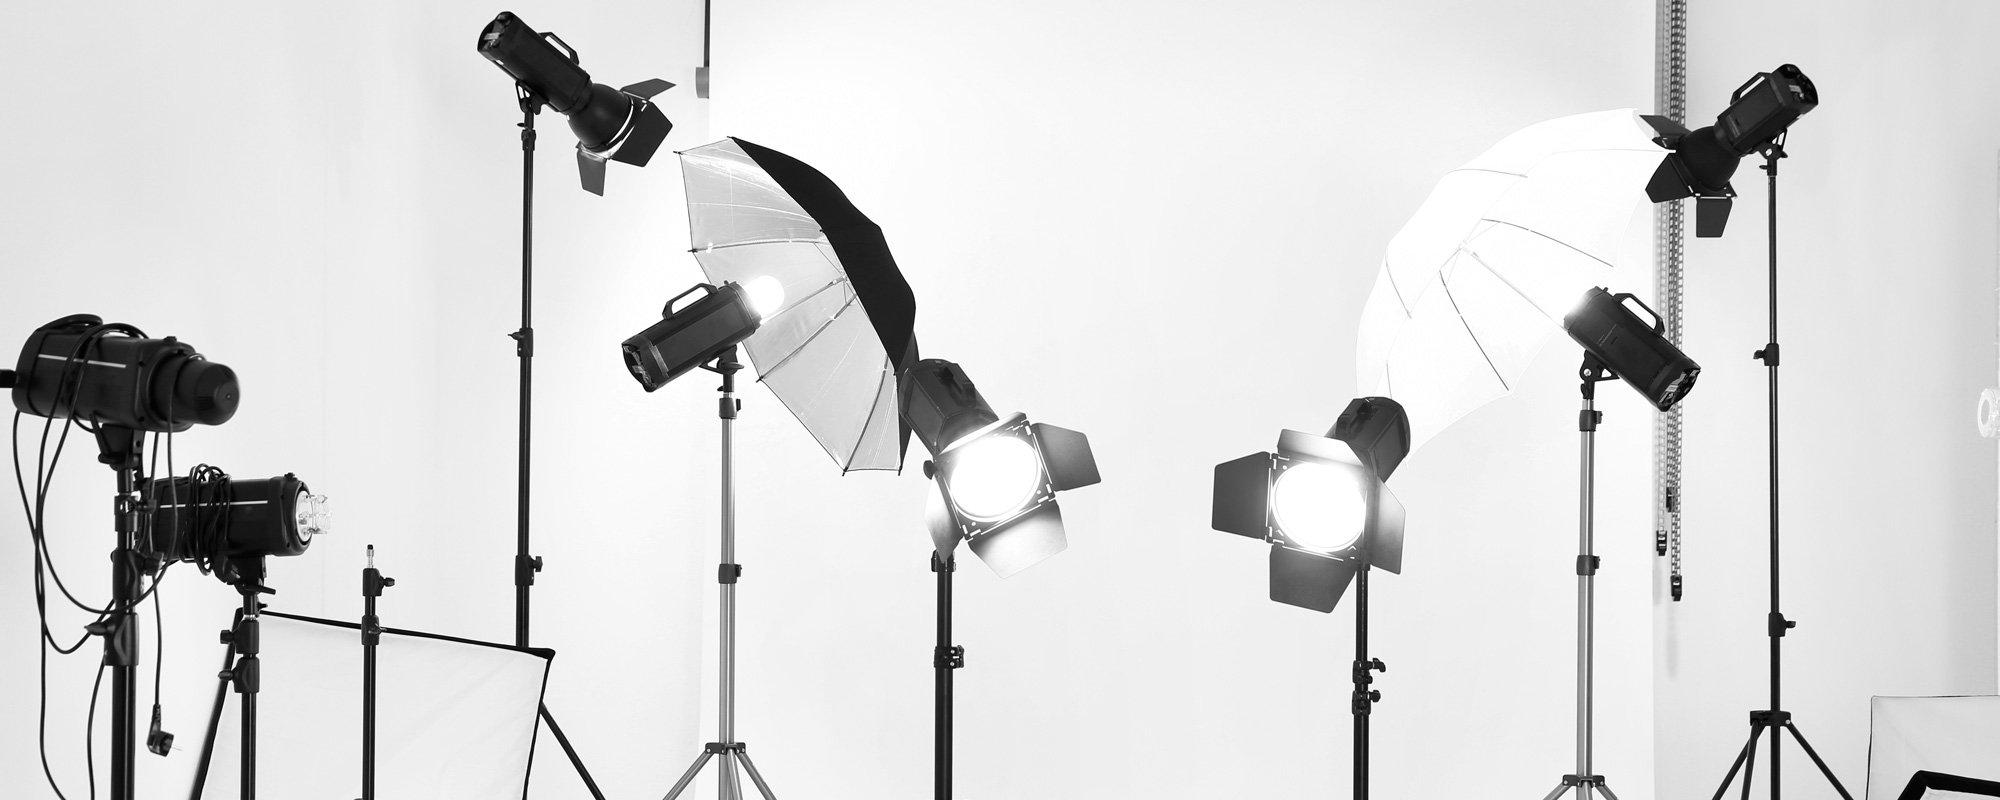 Attrezzature per un'illuminazione ottimale usate nello studio di Davide Caterino